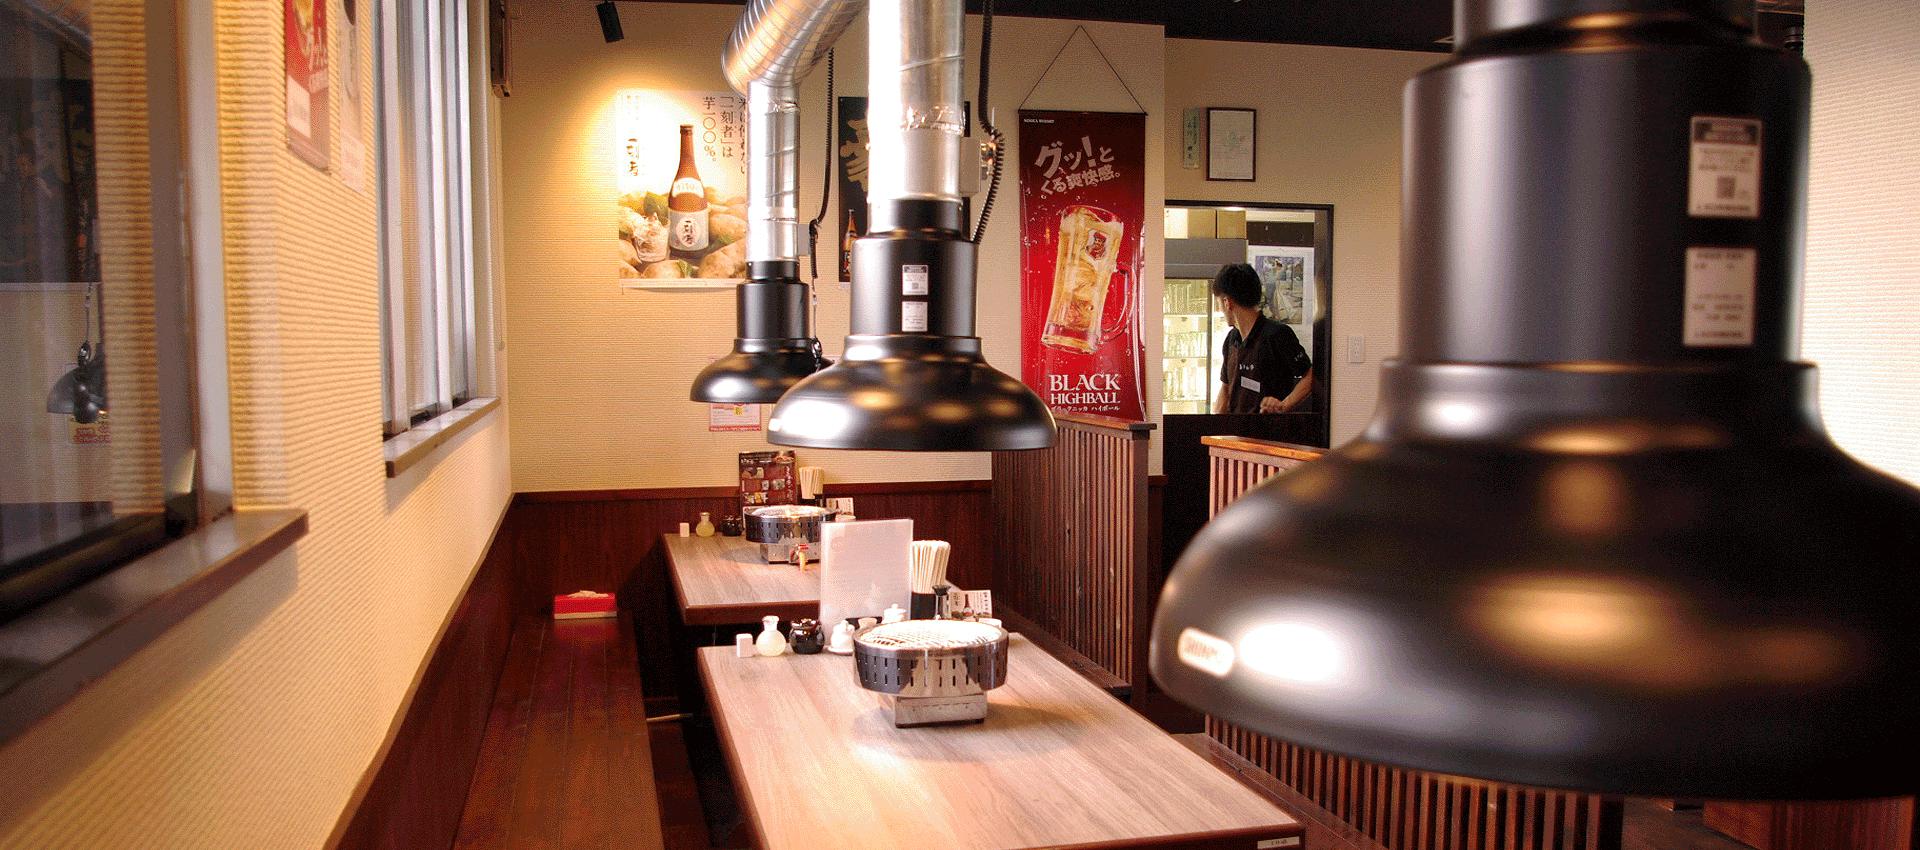 仙台市の店舗内装 店舗設計 店舗デザインのサトーホーム